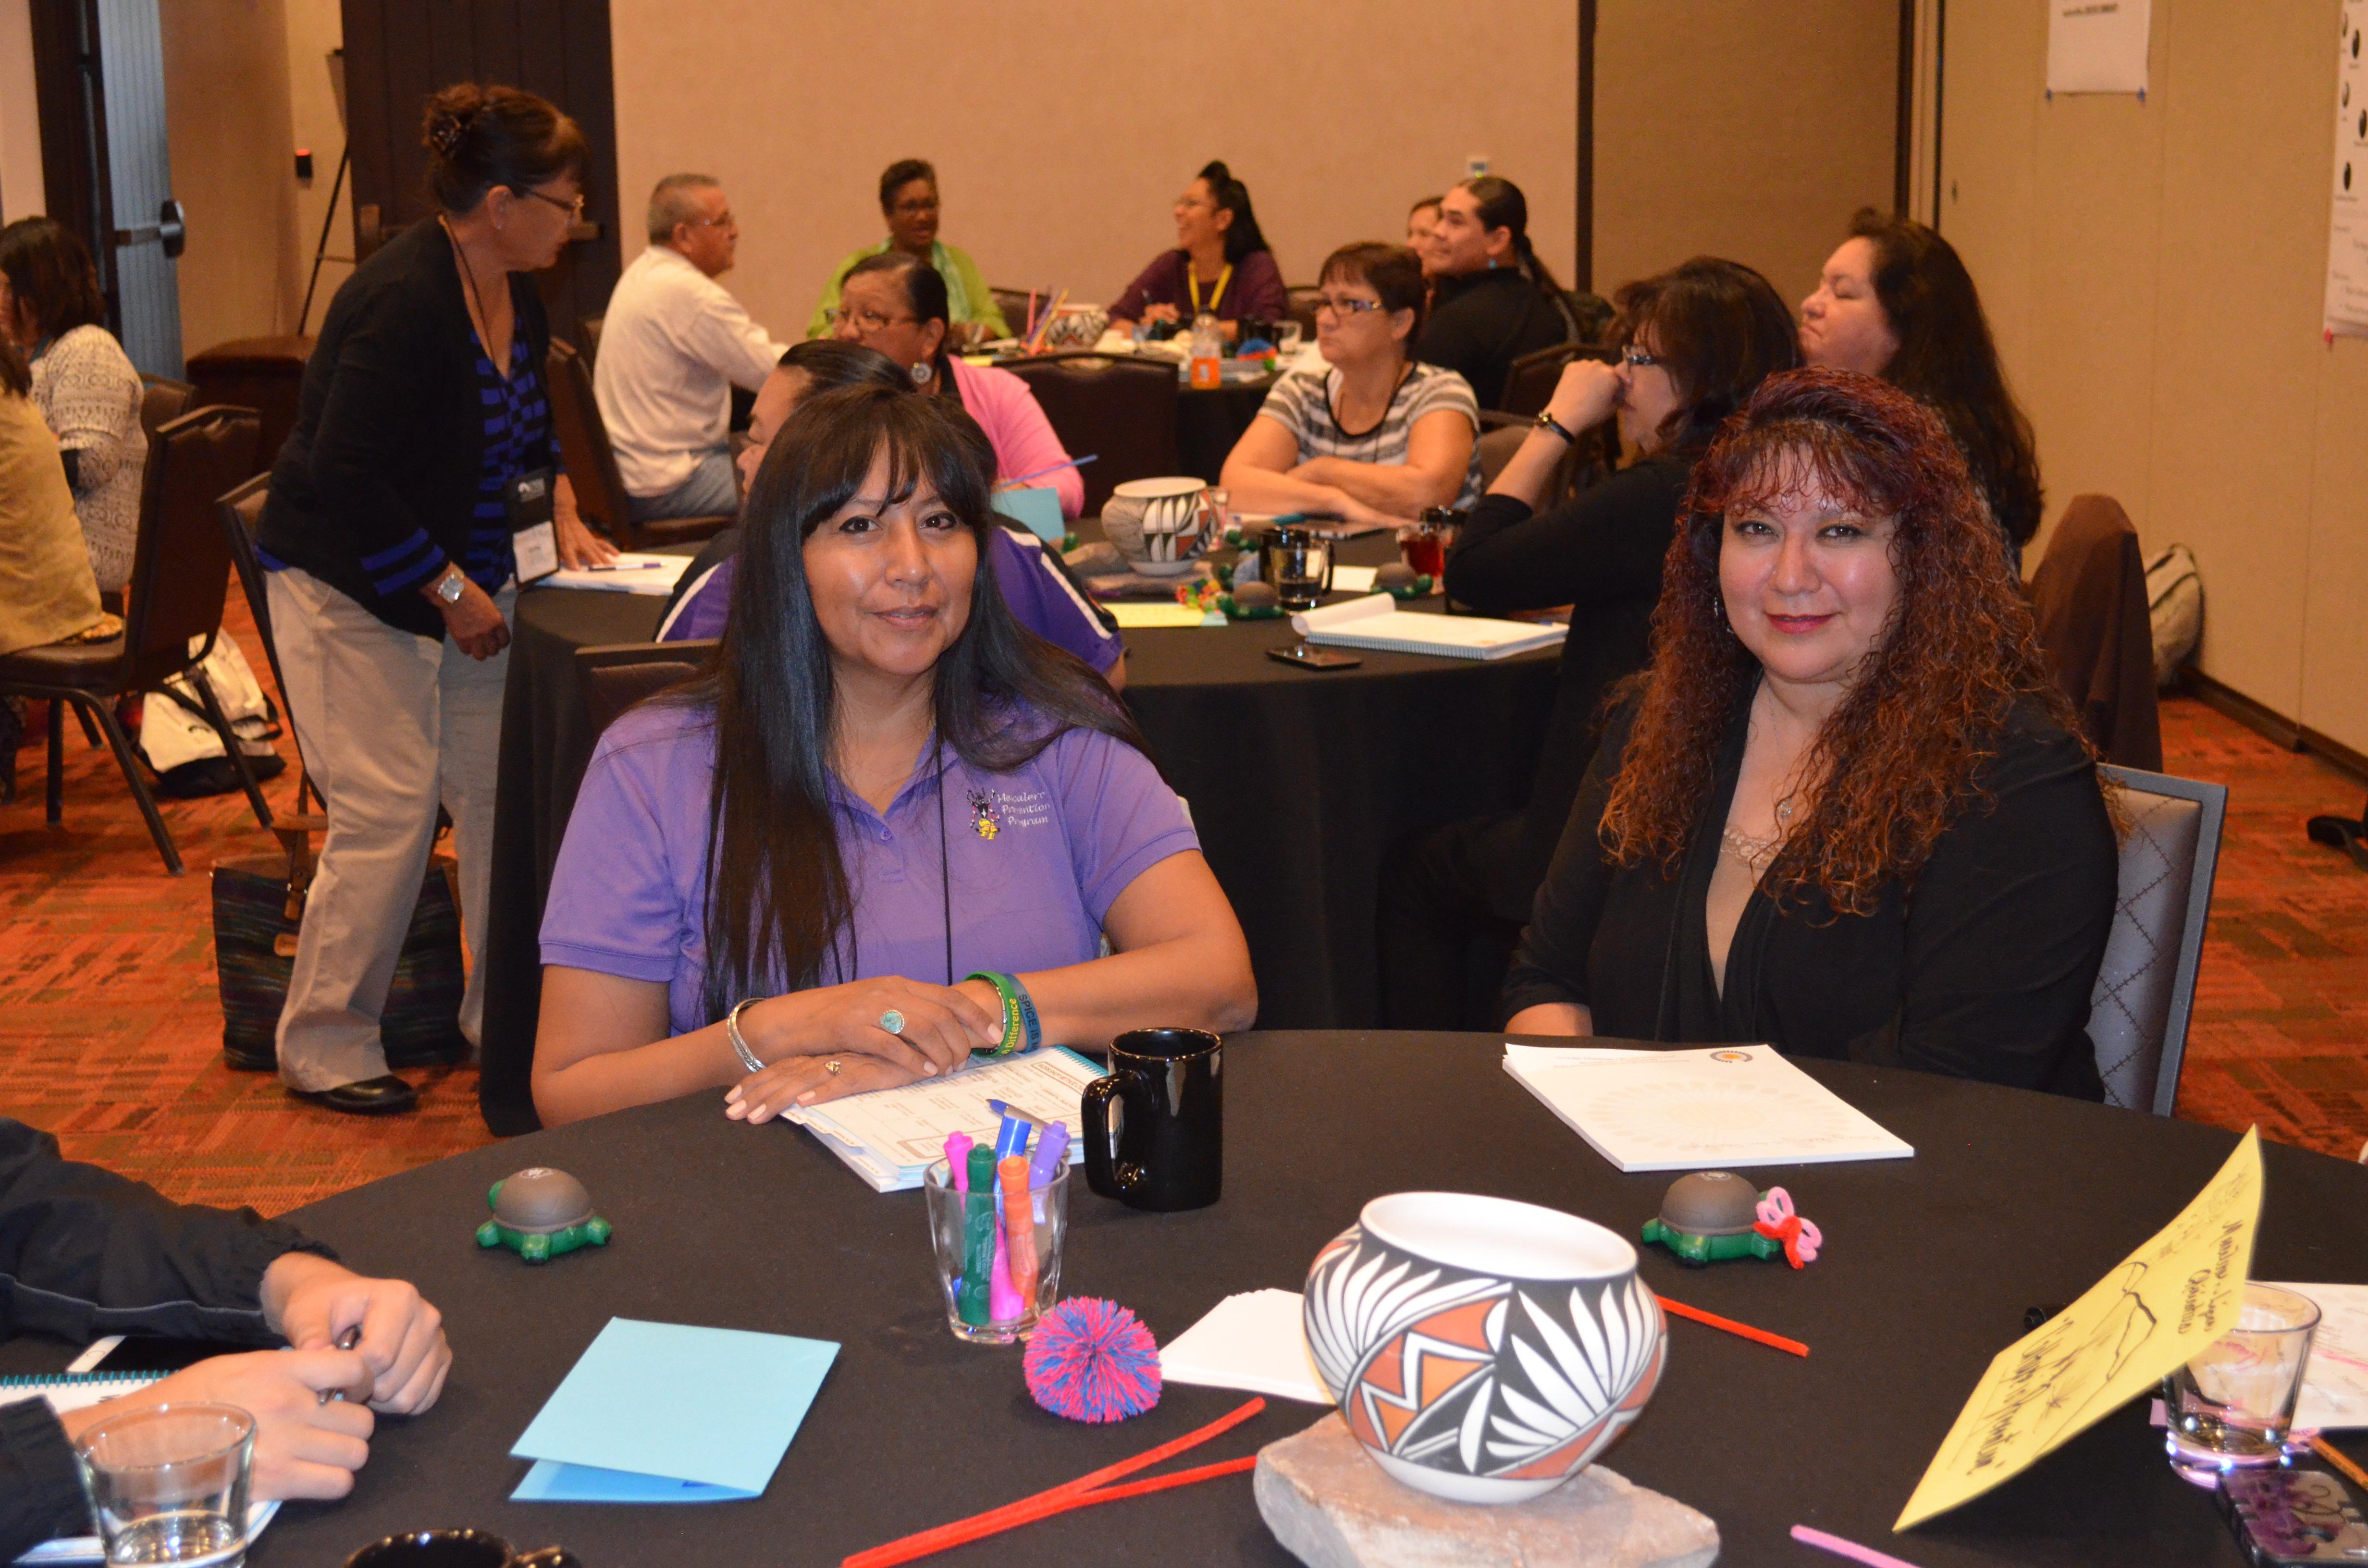 Mujeres sentadas a la mesa.